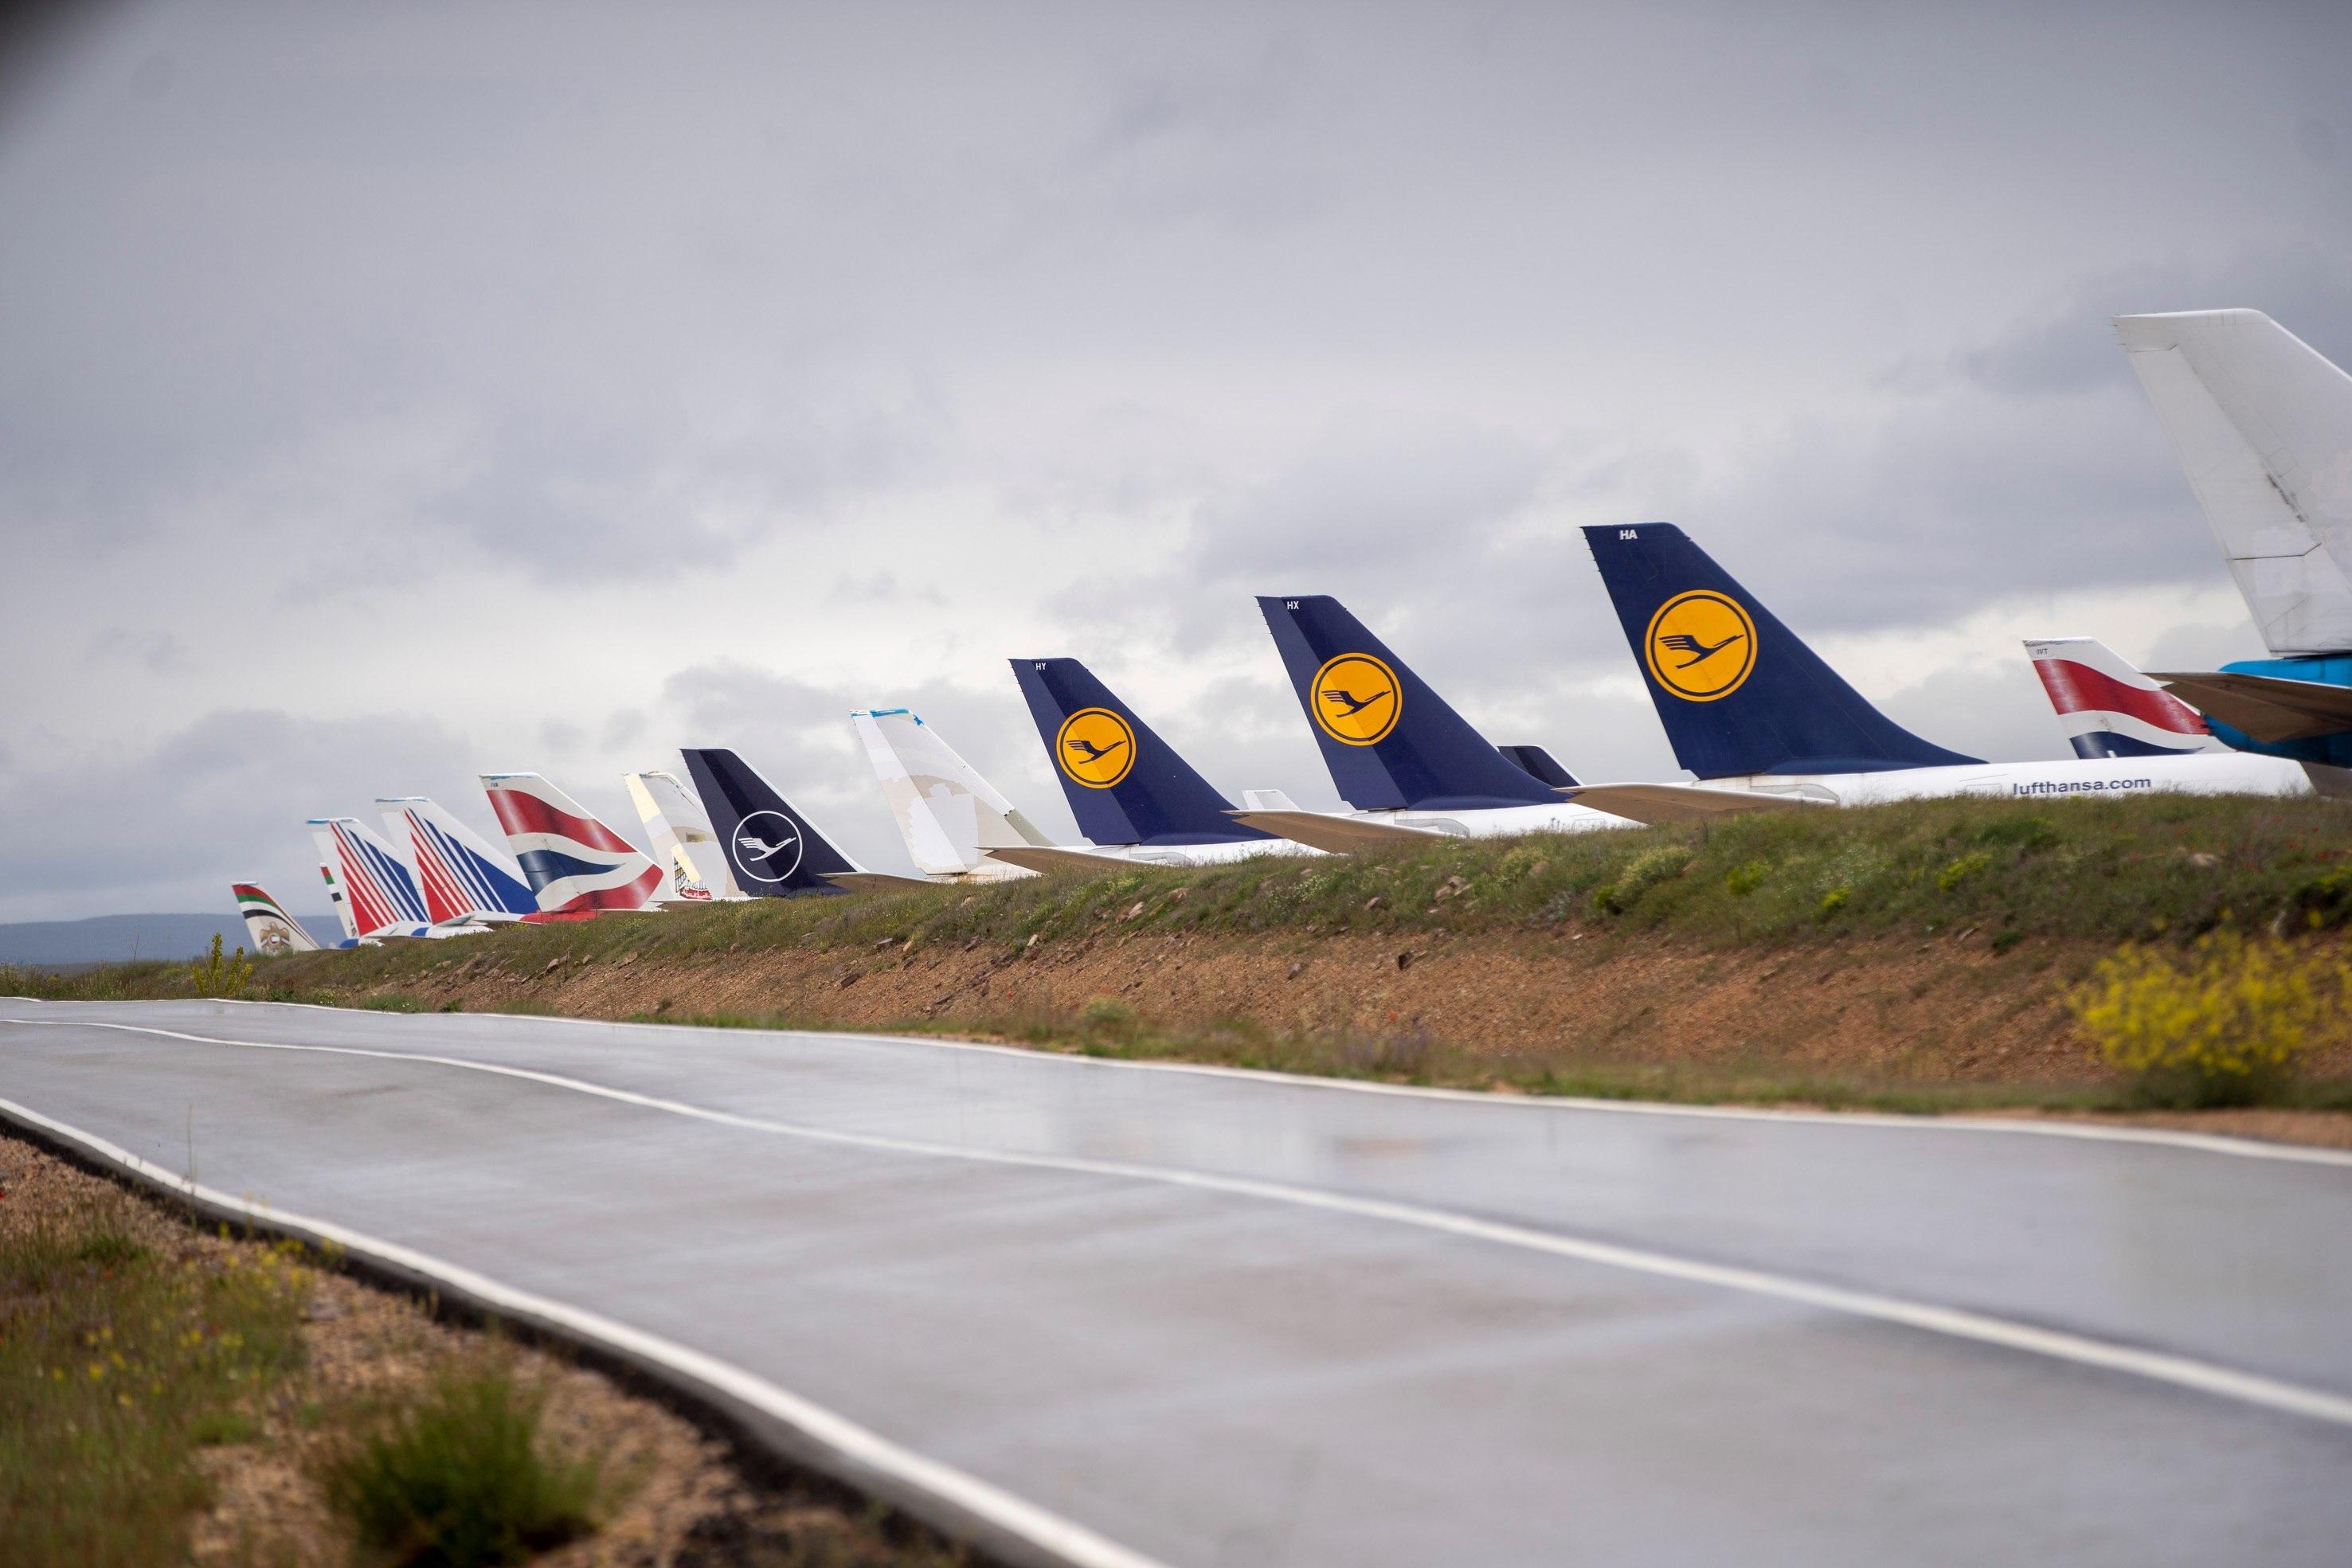 Colas de aviones de diferentes aerolíneas internacionales estacionados en Teruel